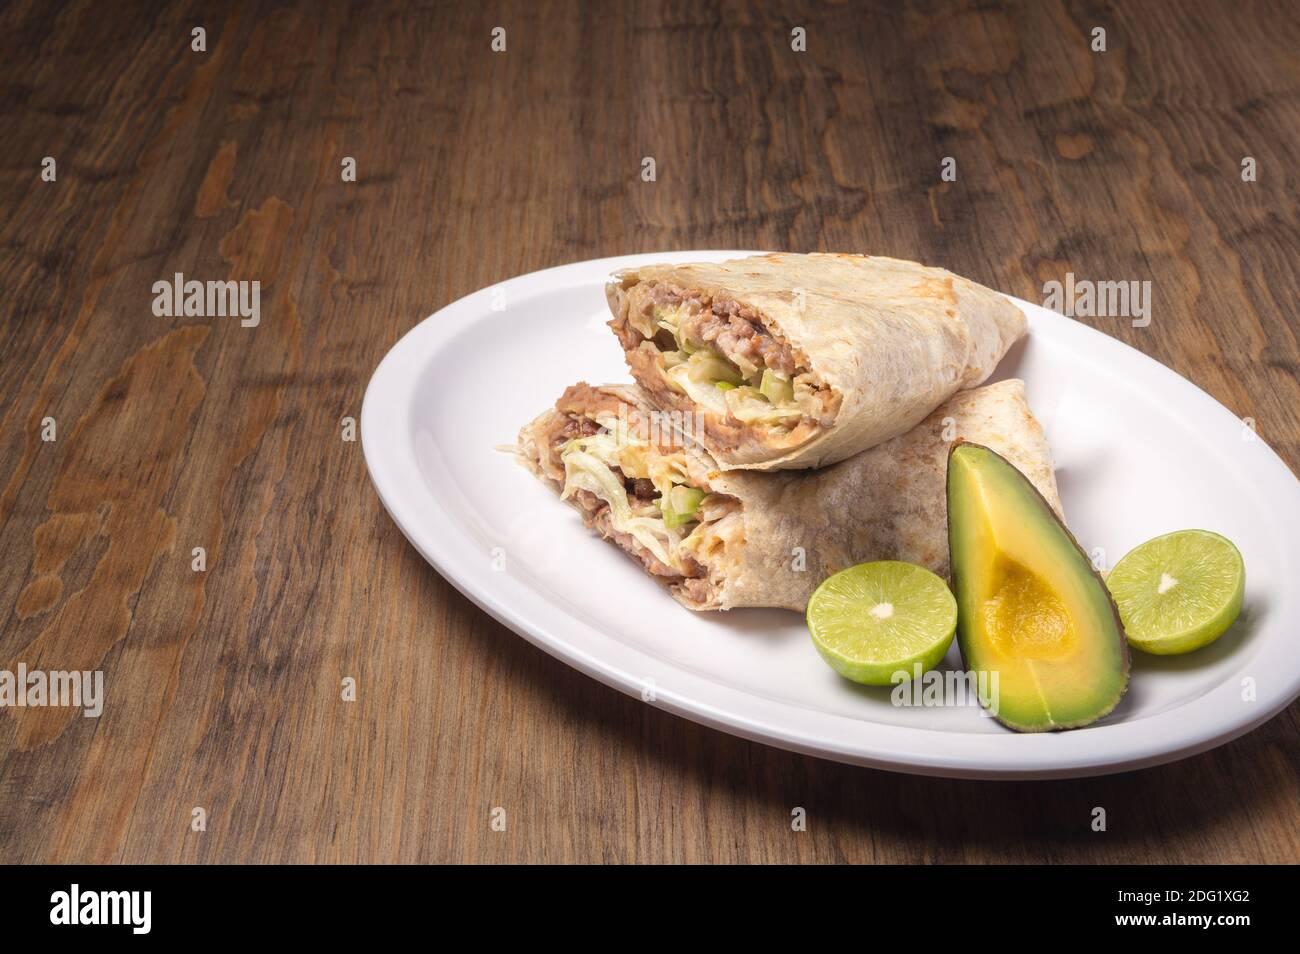 Cuisine gastronomique mexicaine traditionnelle. Cuisine mexicaine sur table. Banque D'Images